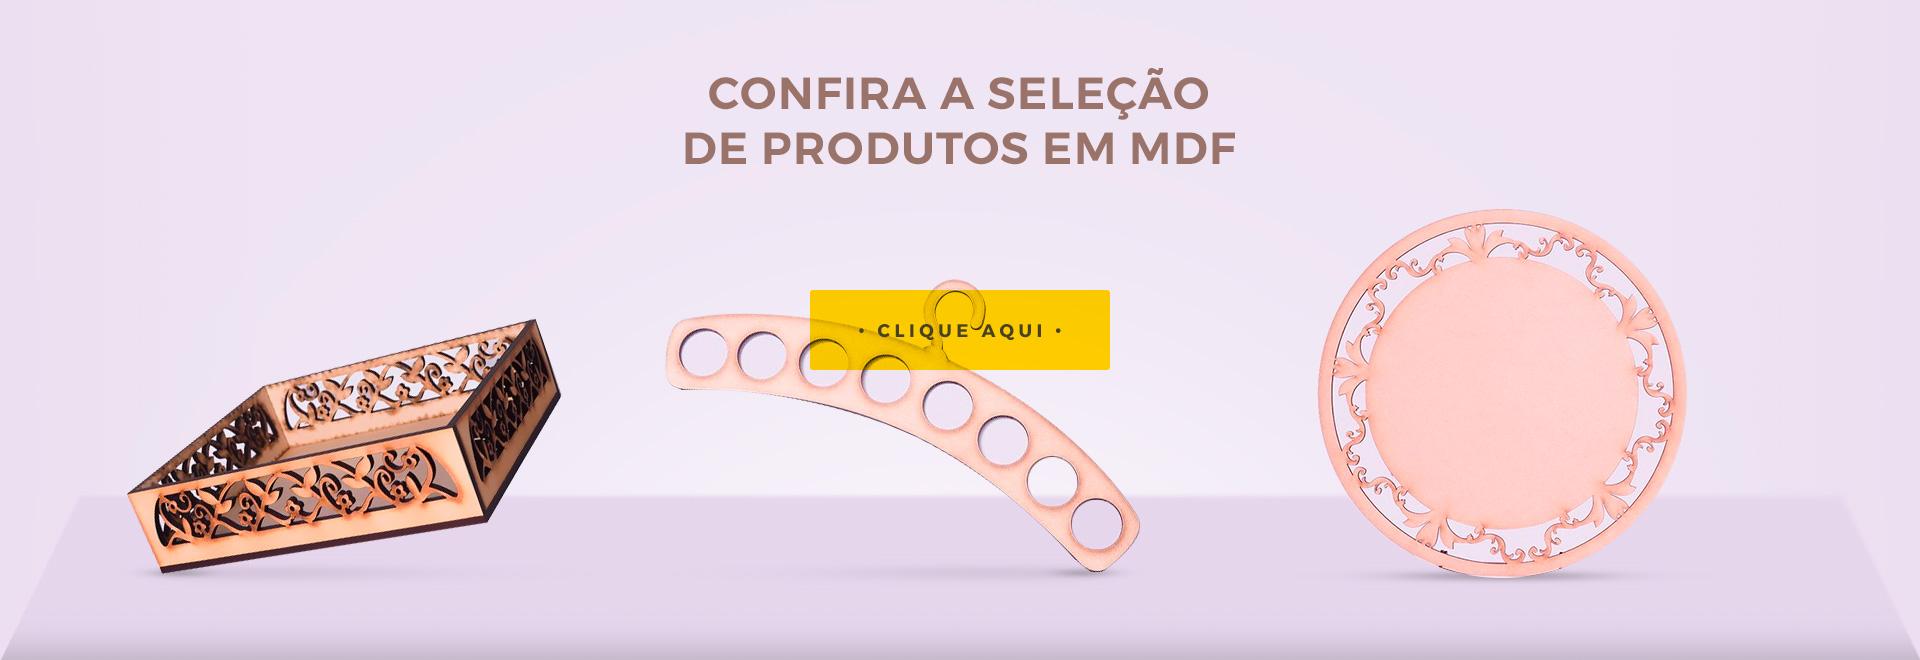 Produtos em mdf